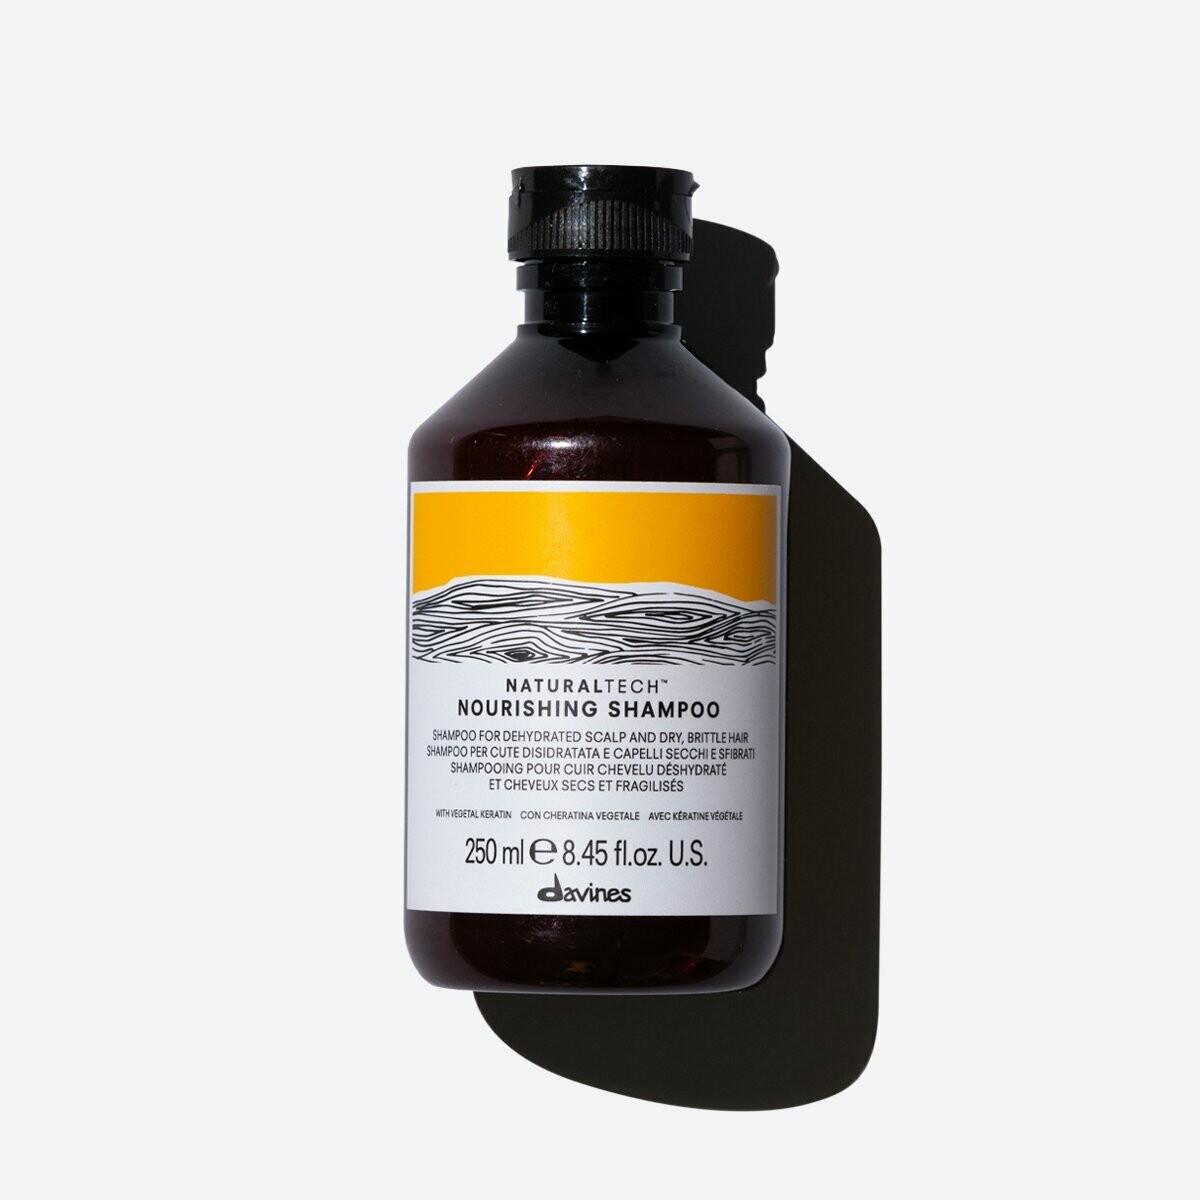 Davines Nourishing Shampoo 250 ml | Shampoo Nutritivo